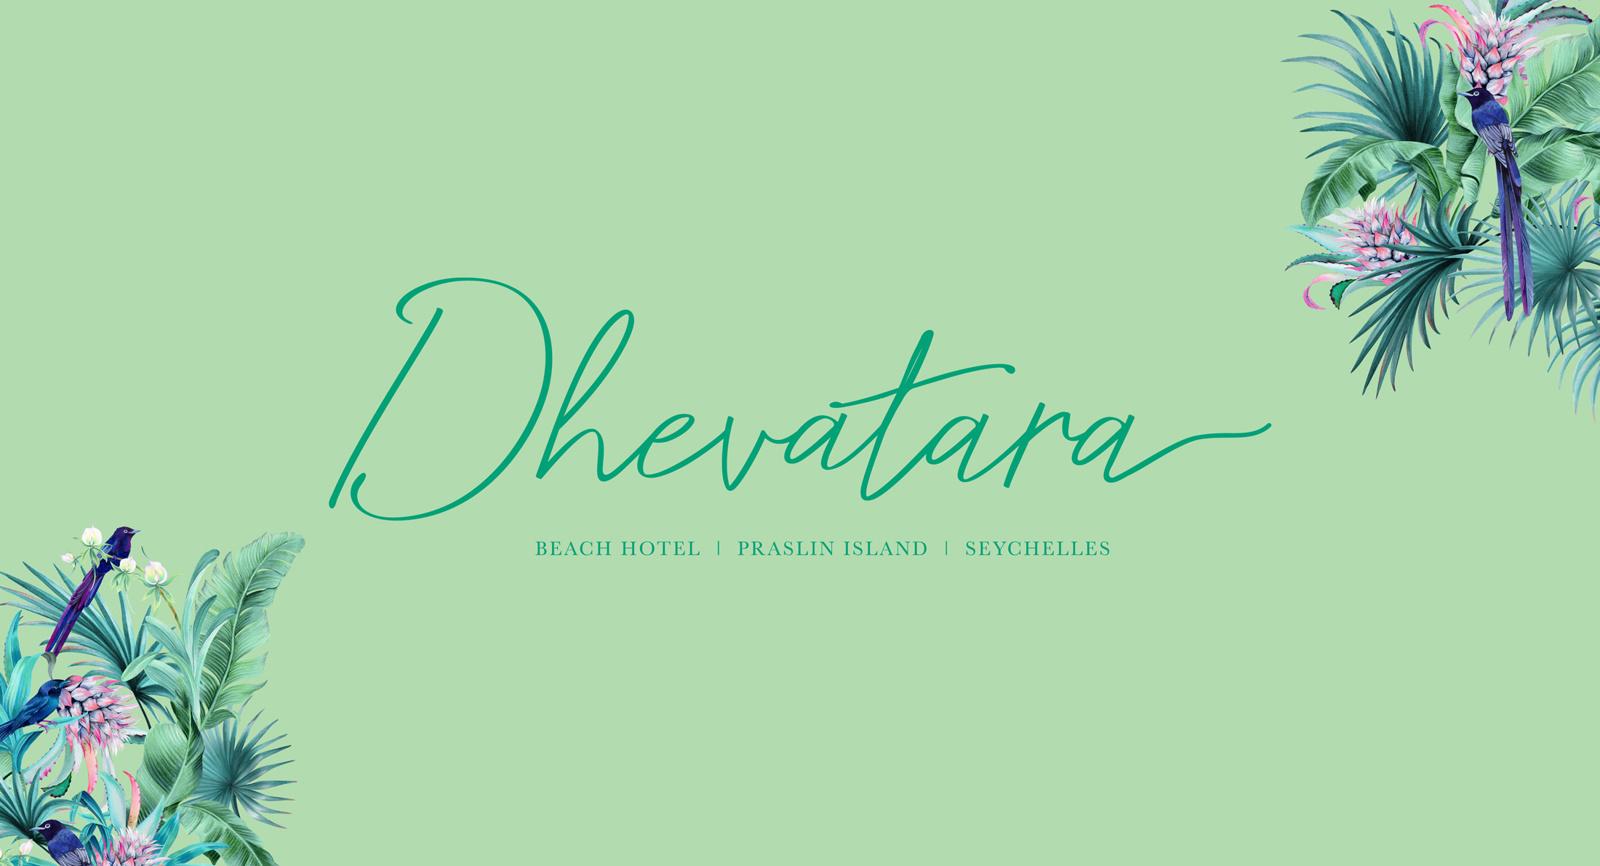 Dhevatara-Logo-Design.jpg